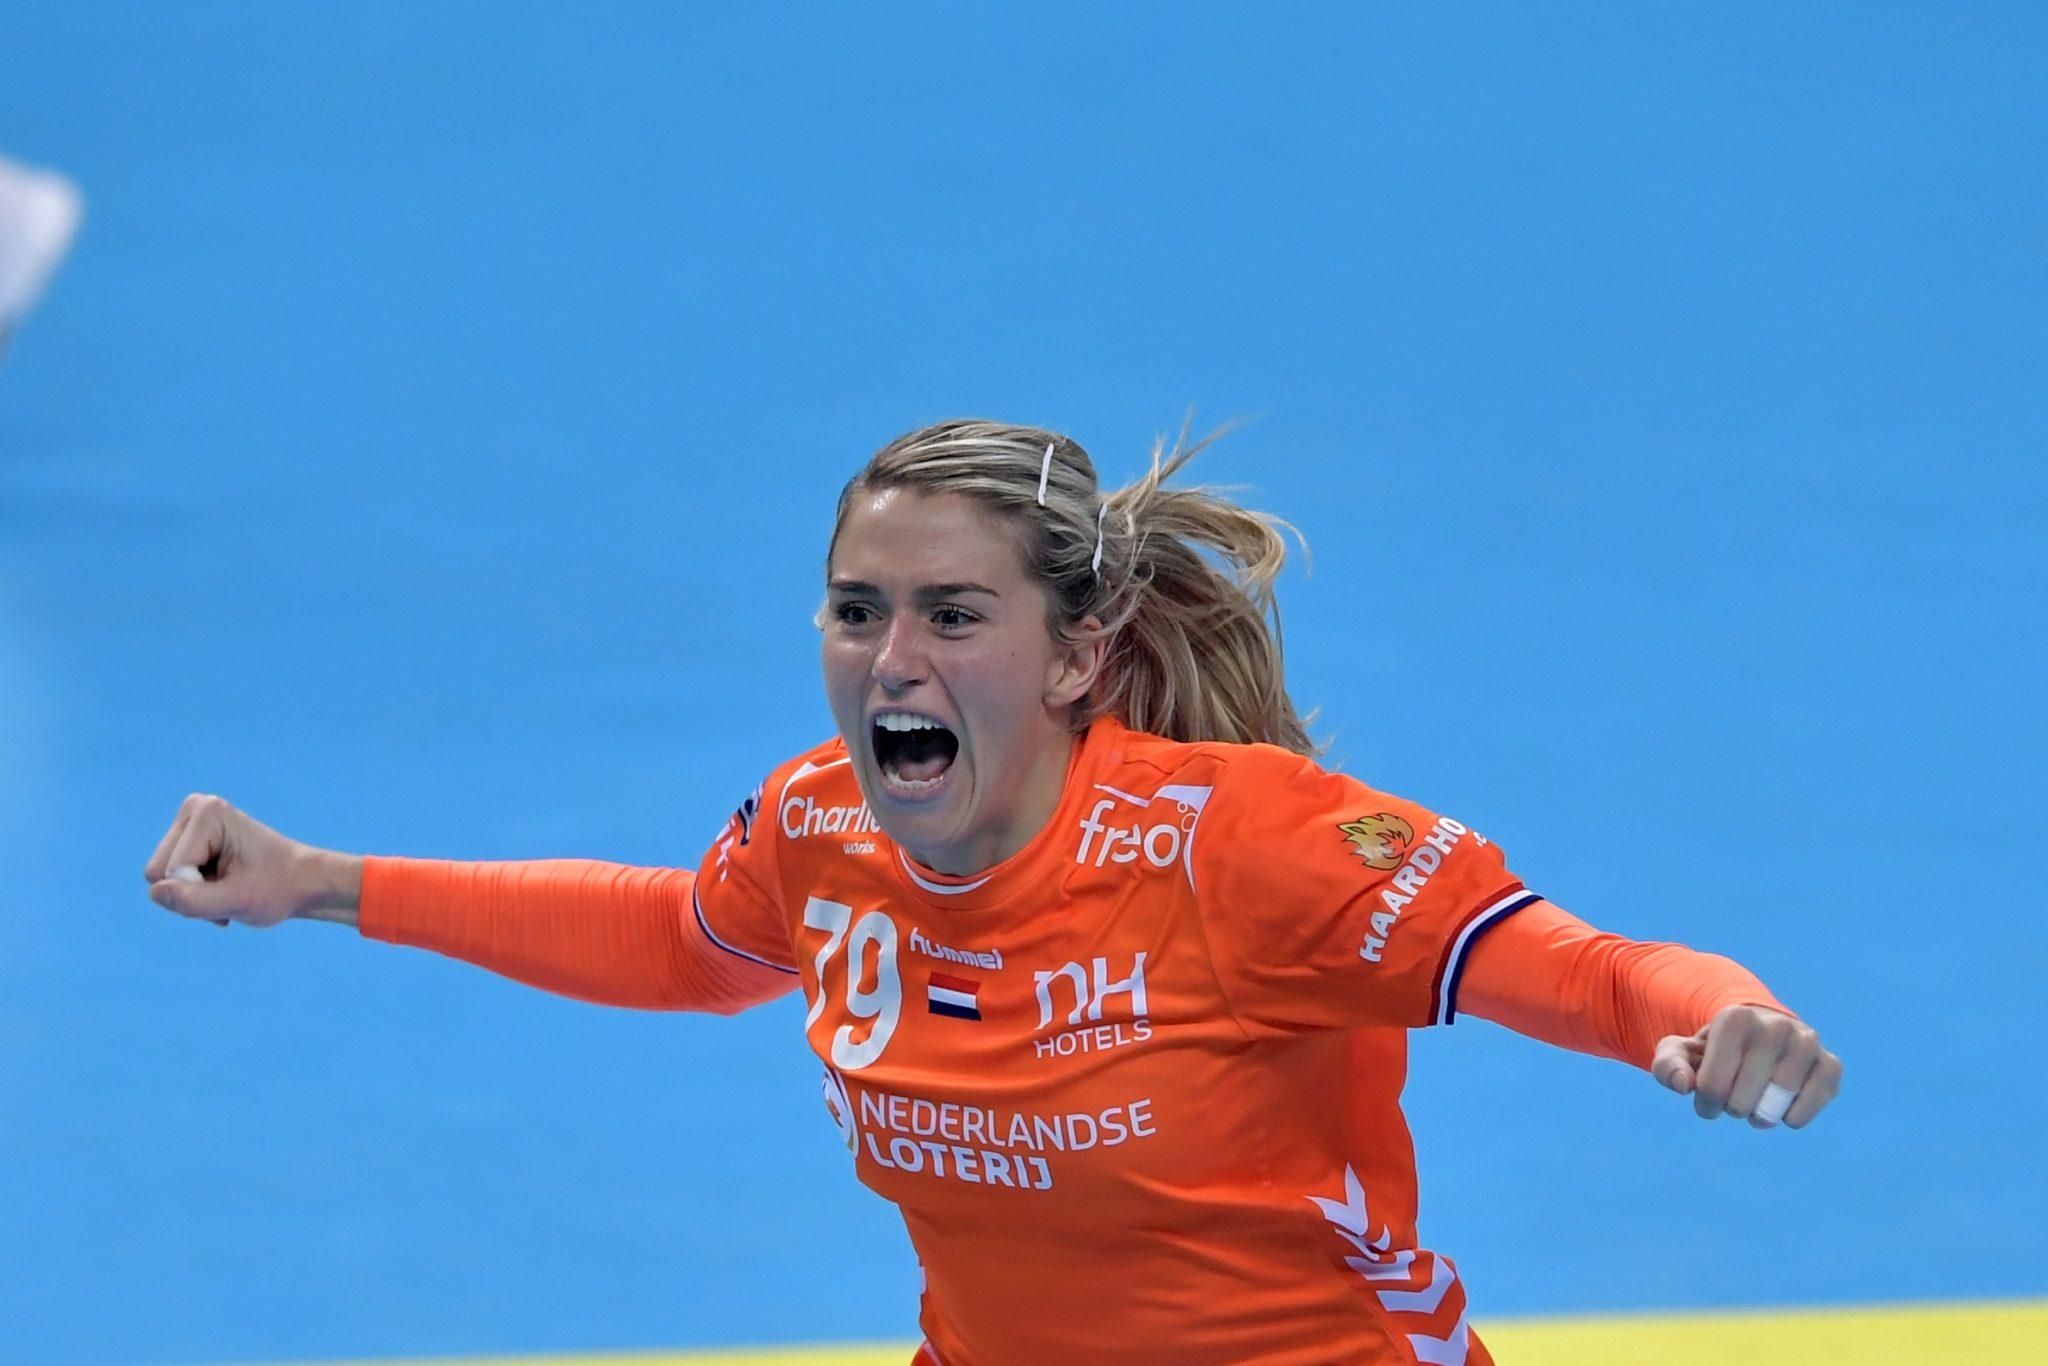 Estavana Polman Sportpersoonlijkheid Van Het Jaar 2019